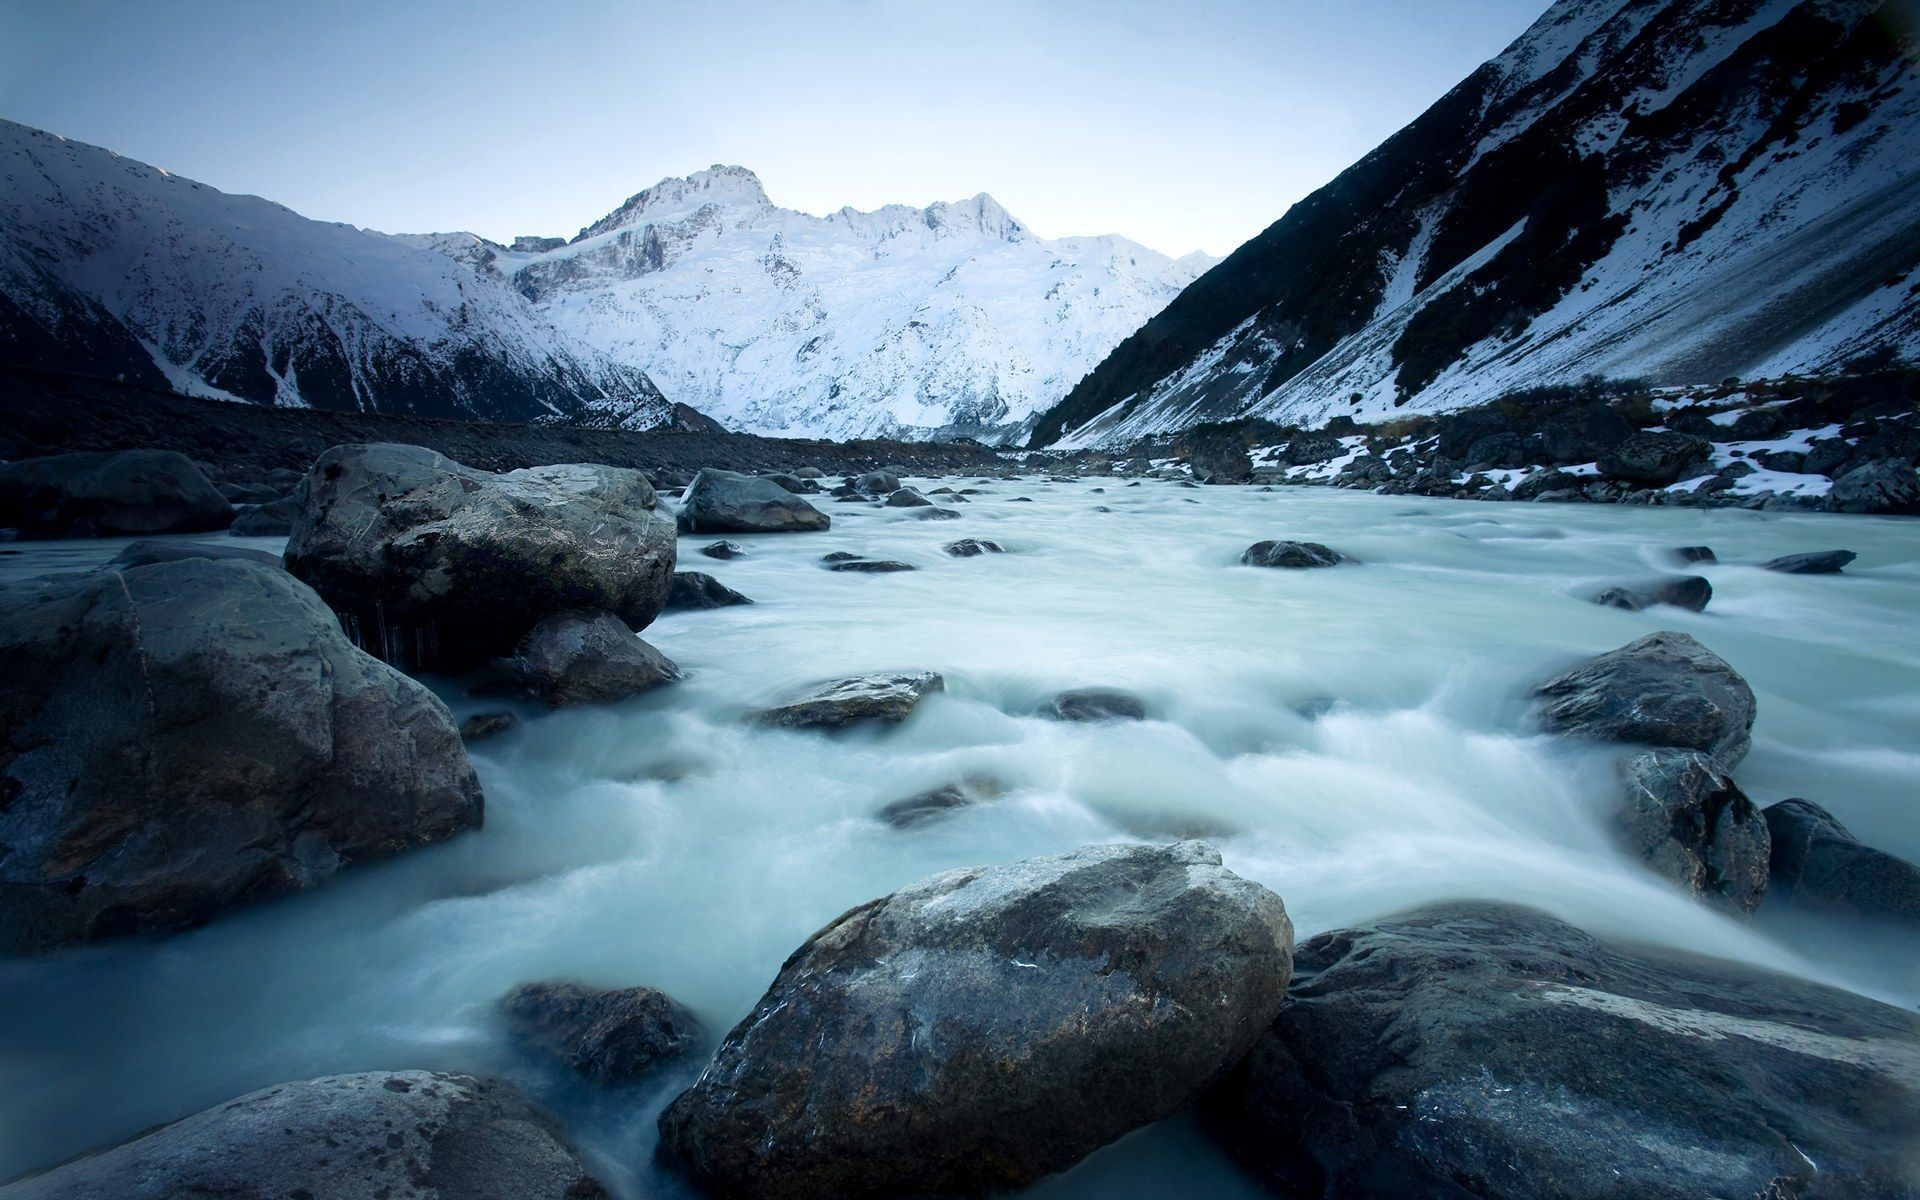 ледник природа облака горы снег лед загрузить